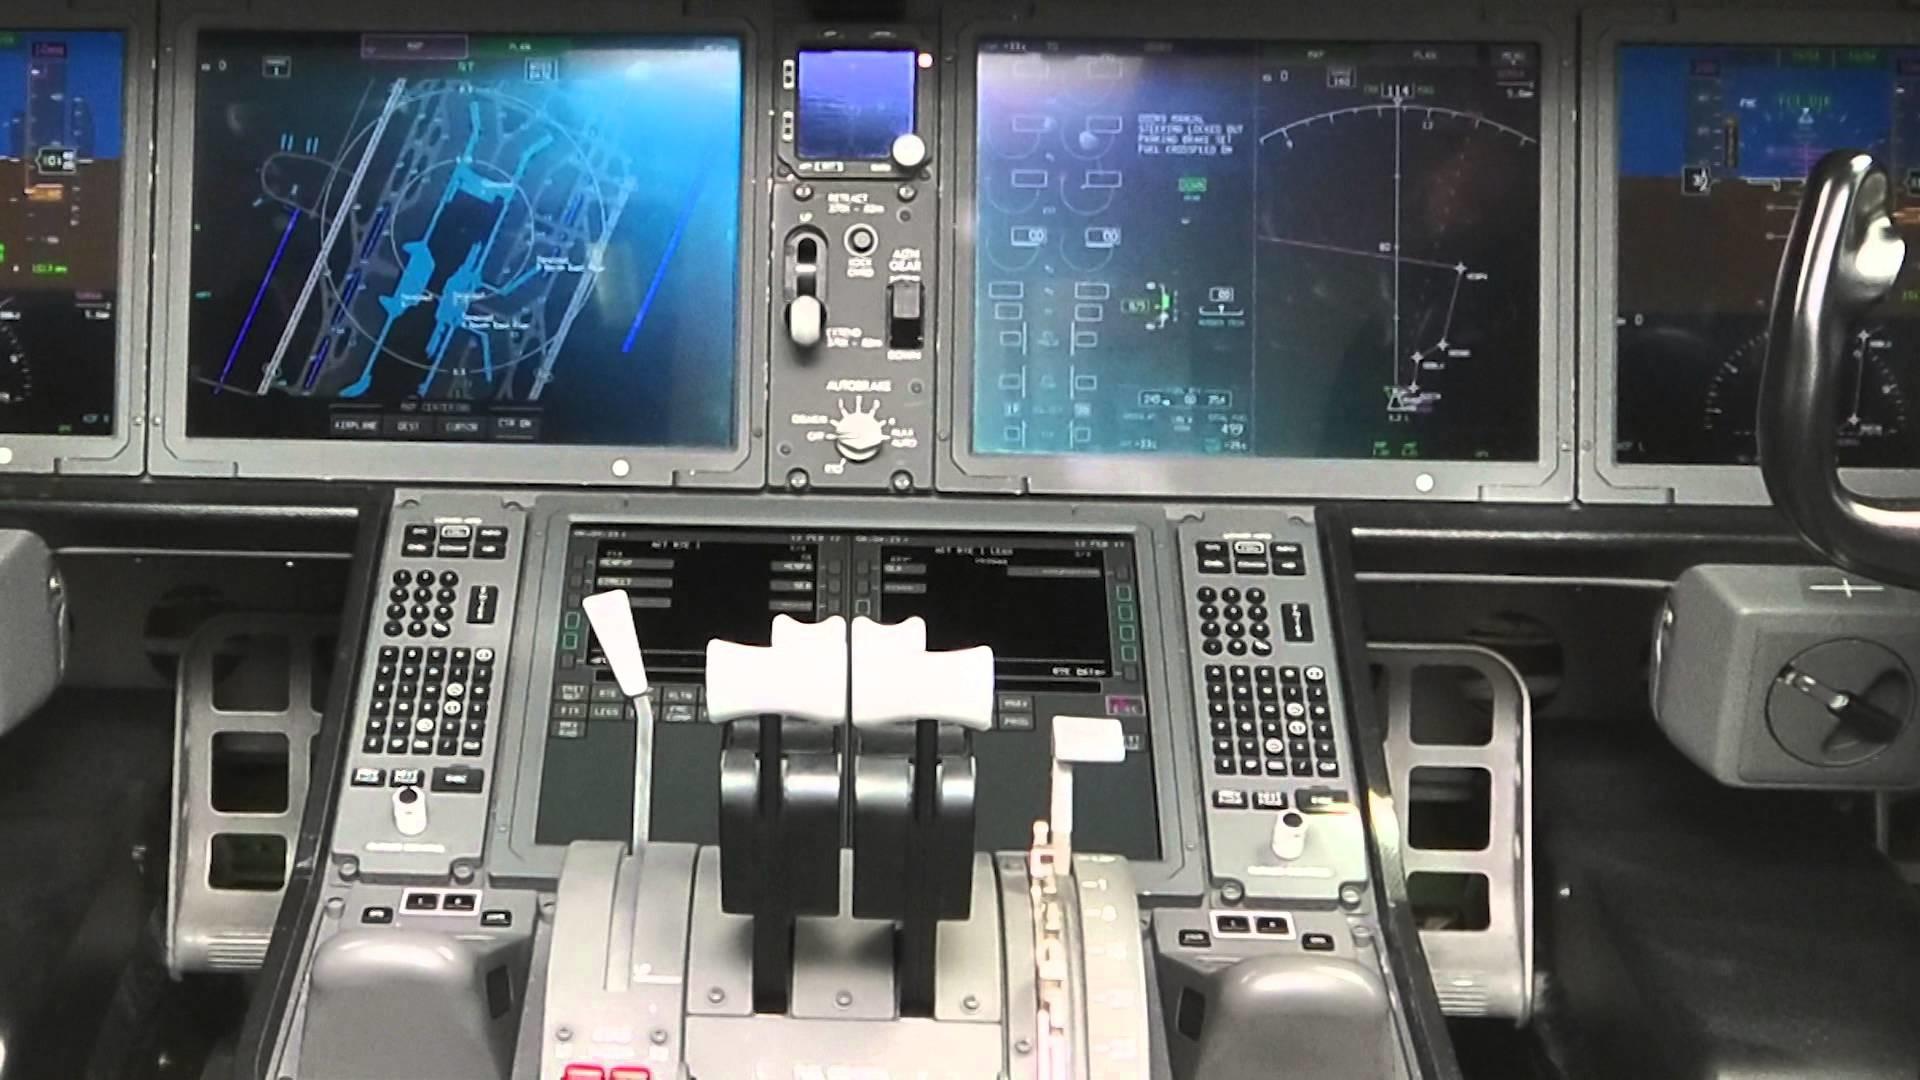 787 Dreamliner Vs A380 Cockpit Parisons Aeroe Technology